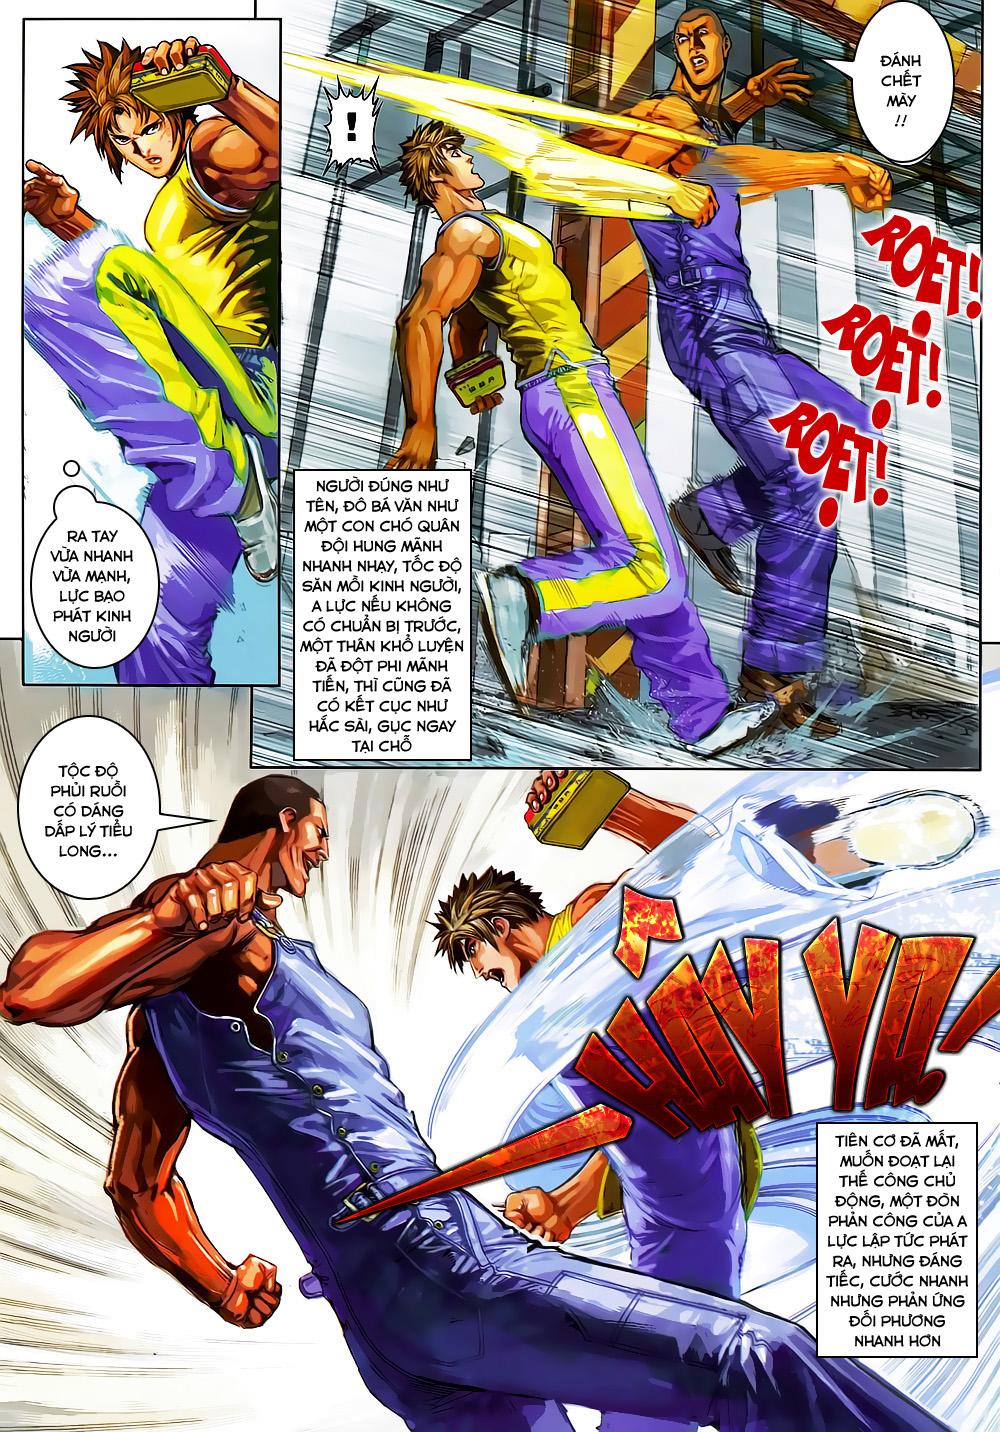 Quyền Đạo chapter 2 trang 11